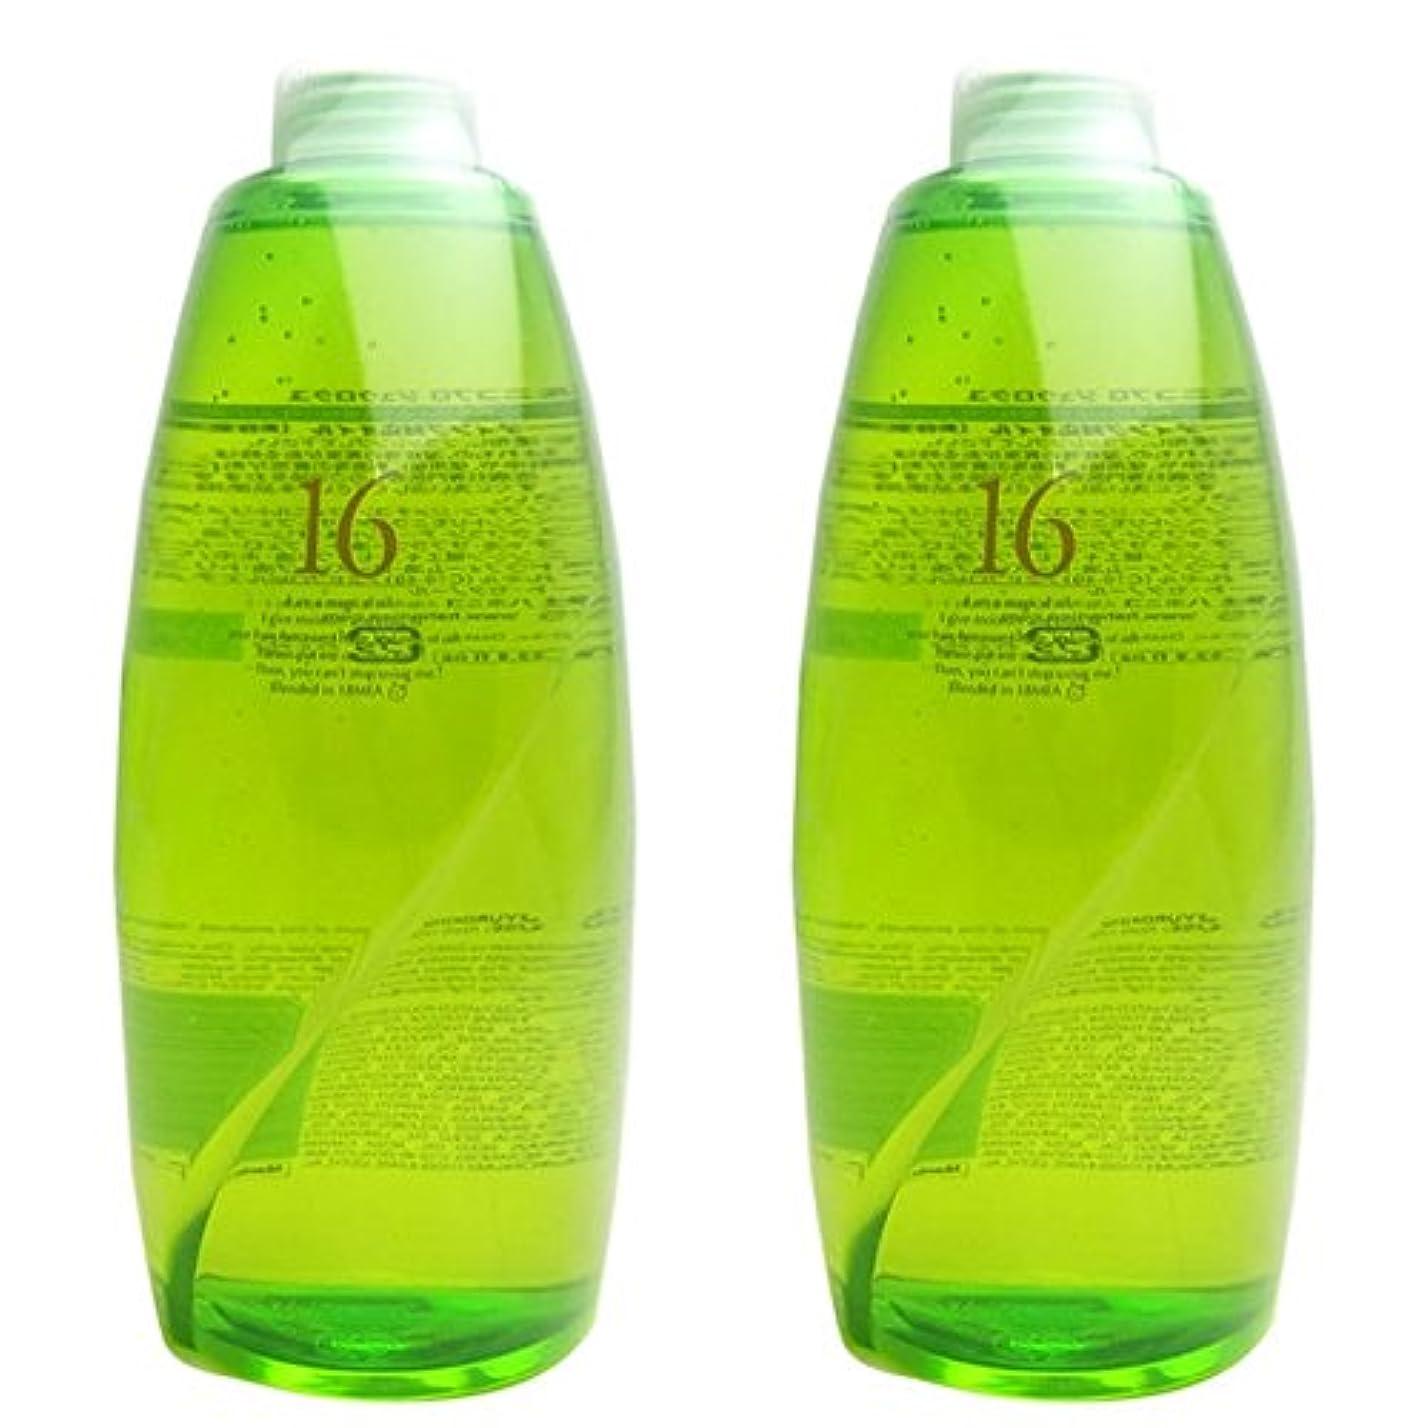 忘れられない温度真鍮【X2個セット】 ハホニコ 十六油 (洗い流さないトリートメント) 1000ml 詰替え用 hahonico